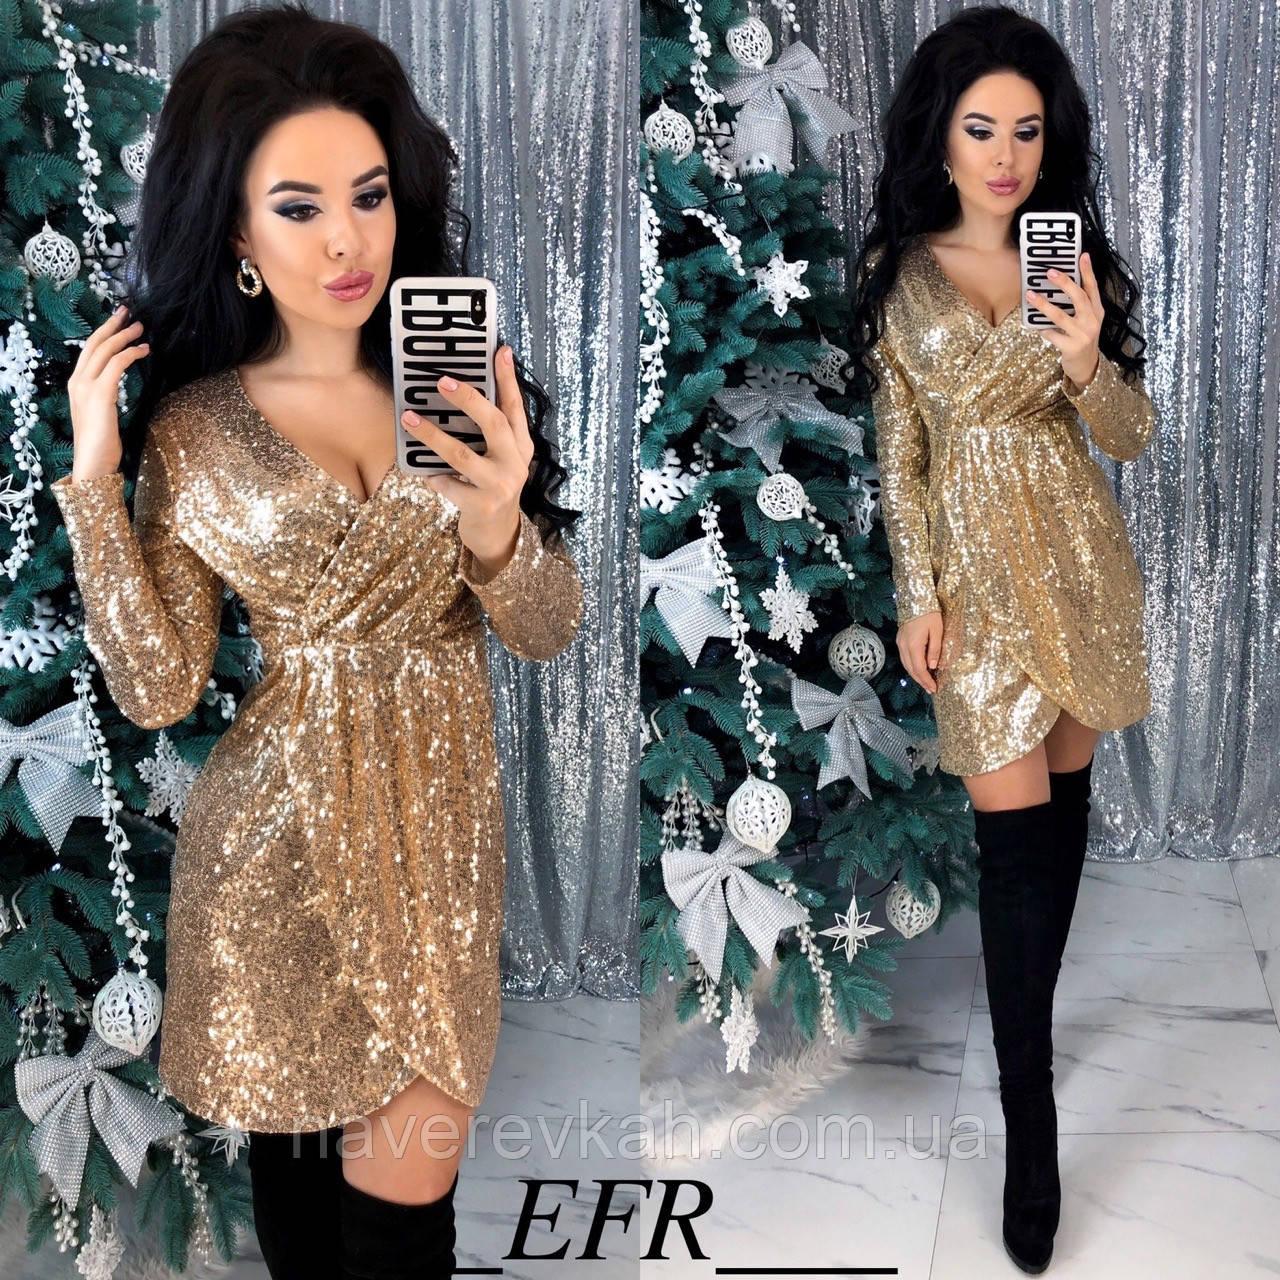 Женское праздничное новогоднее нарядное платье пайетка на трикотаже бордовый, черный, золото, сереброС-М,Л-ХЛ